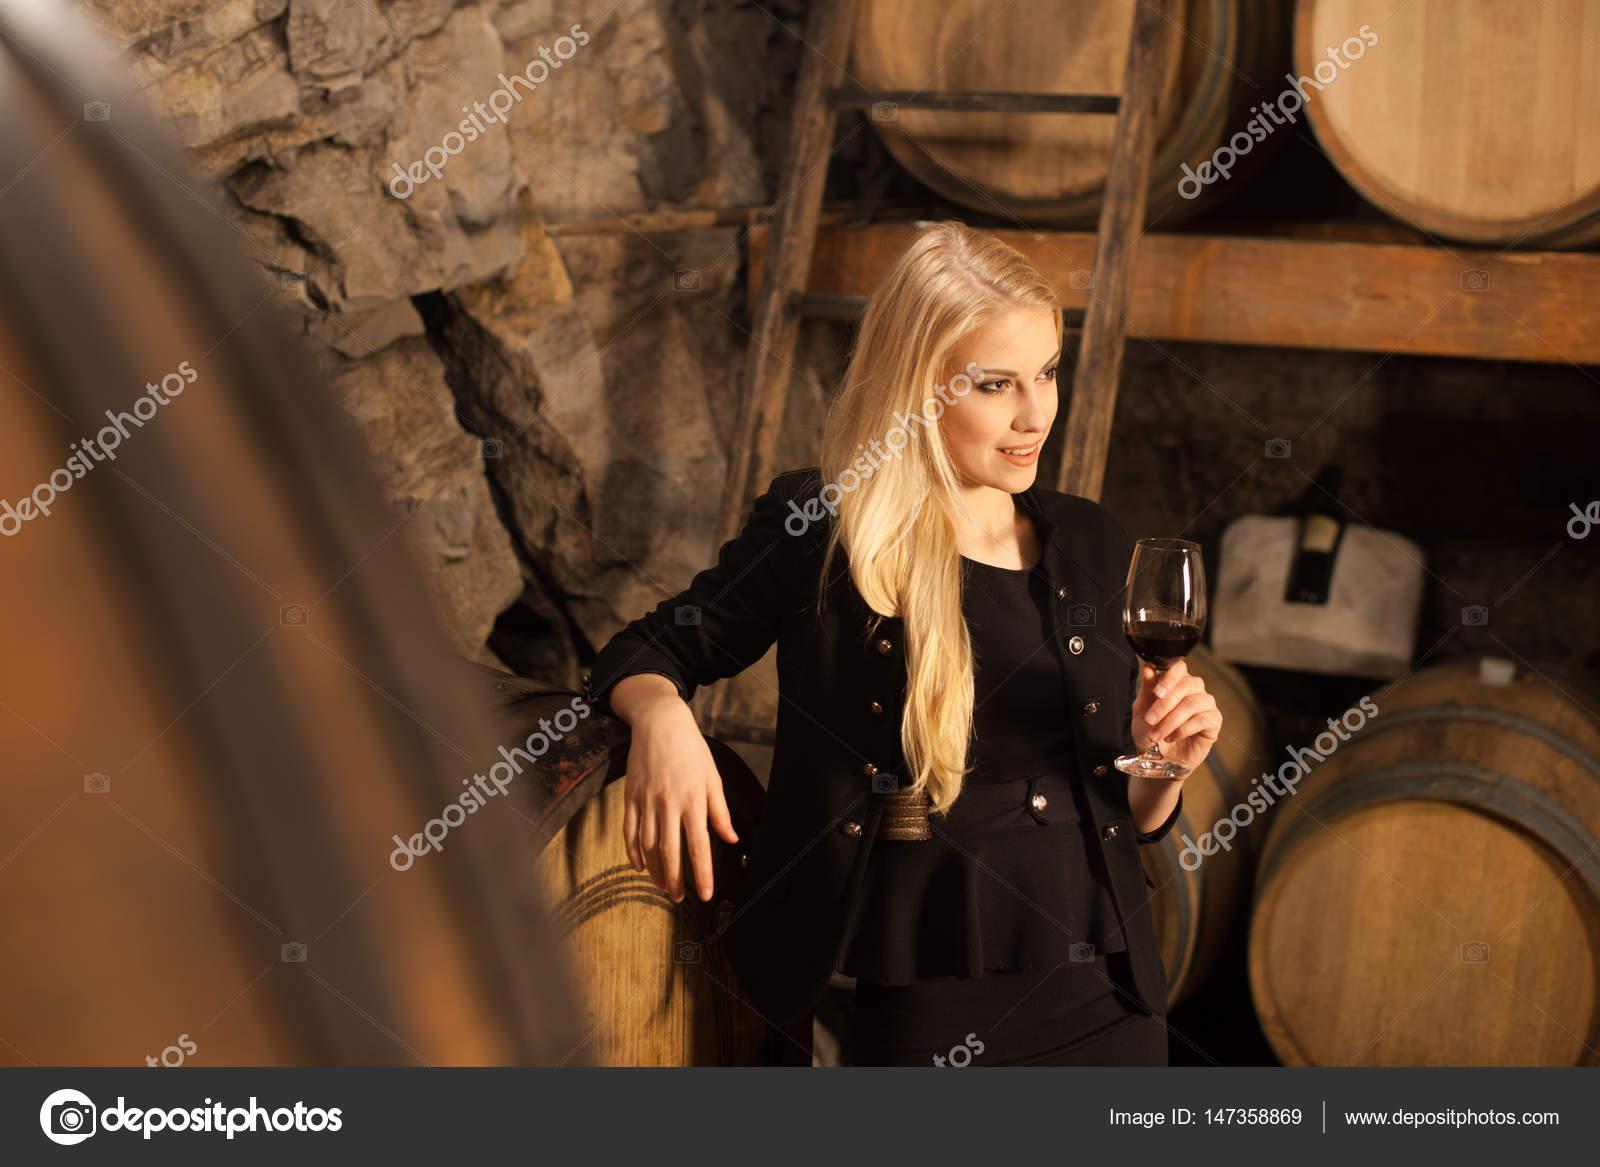 Сексуальная Блондинка В Винном Погребе